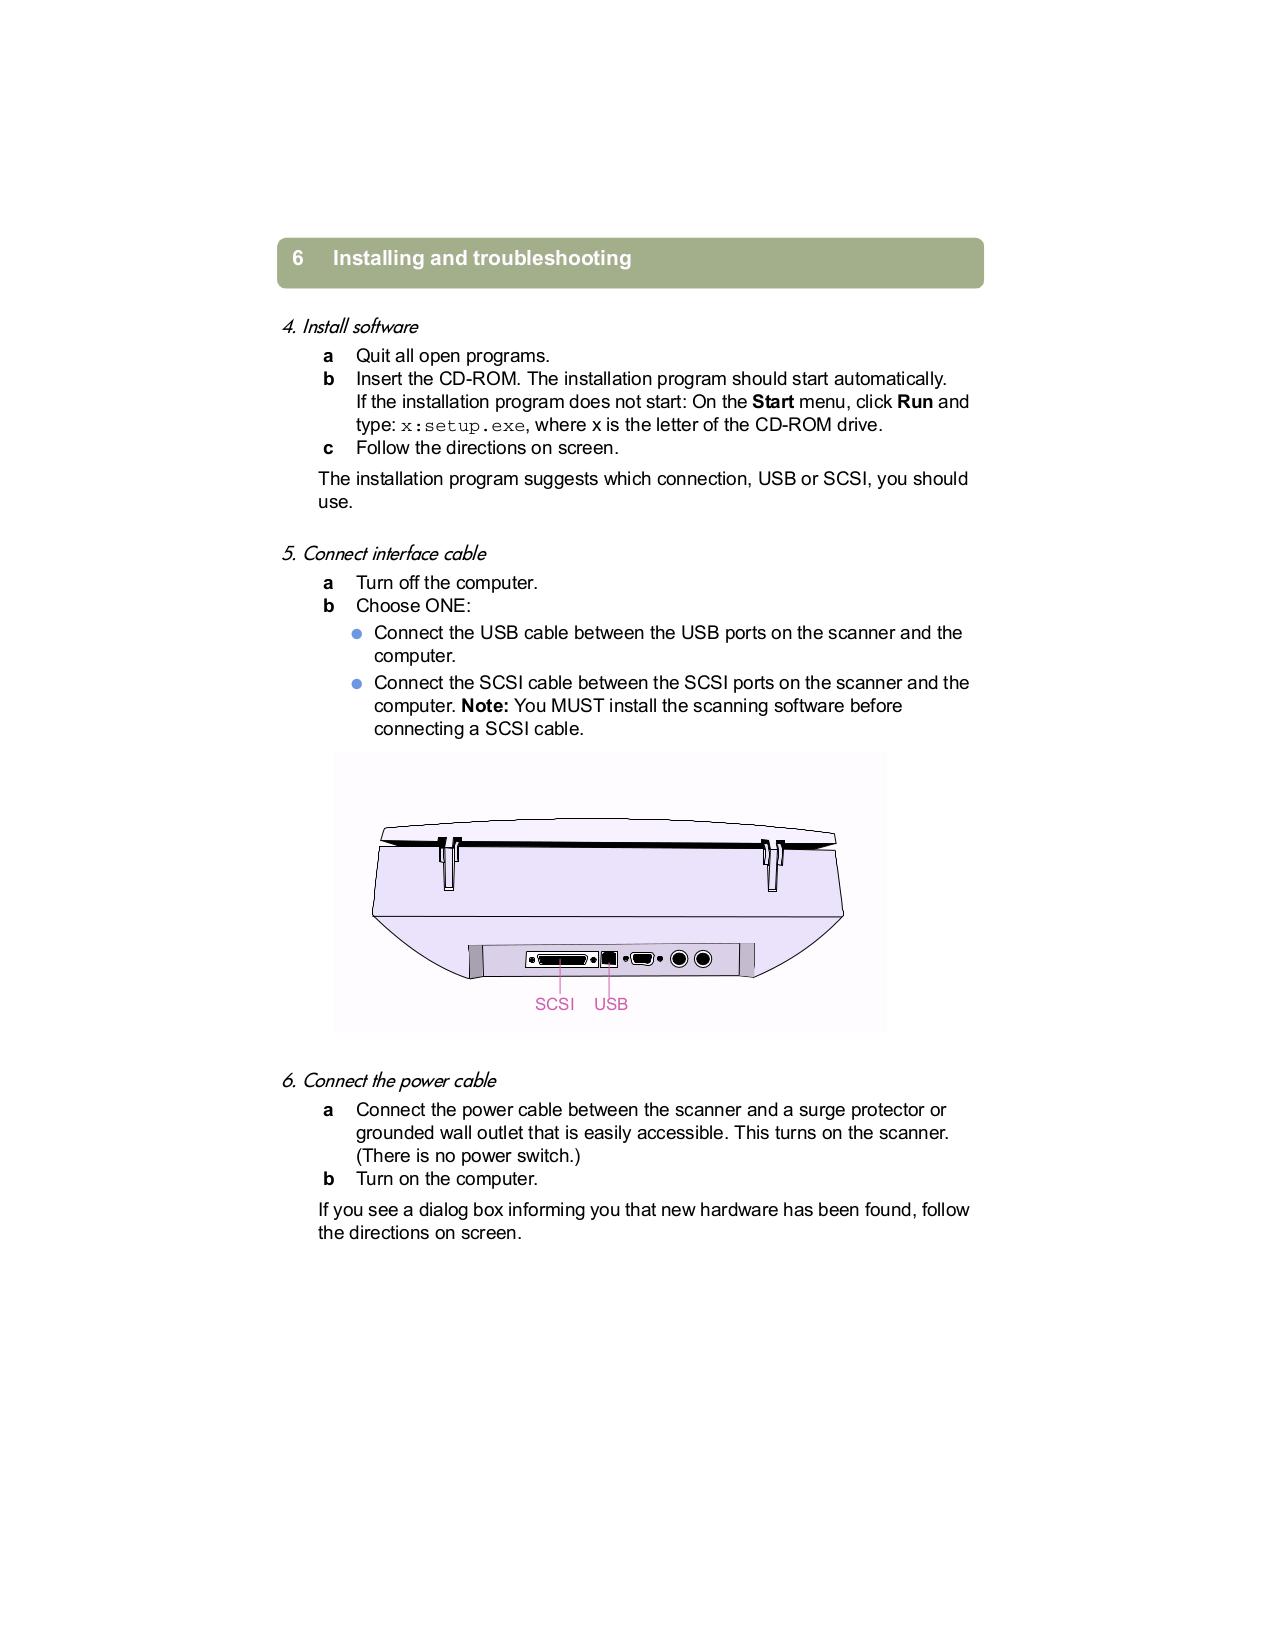 PDF manual for HP Scanner Scanjet 7400c